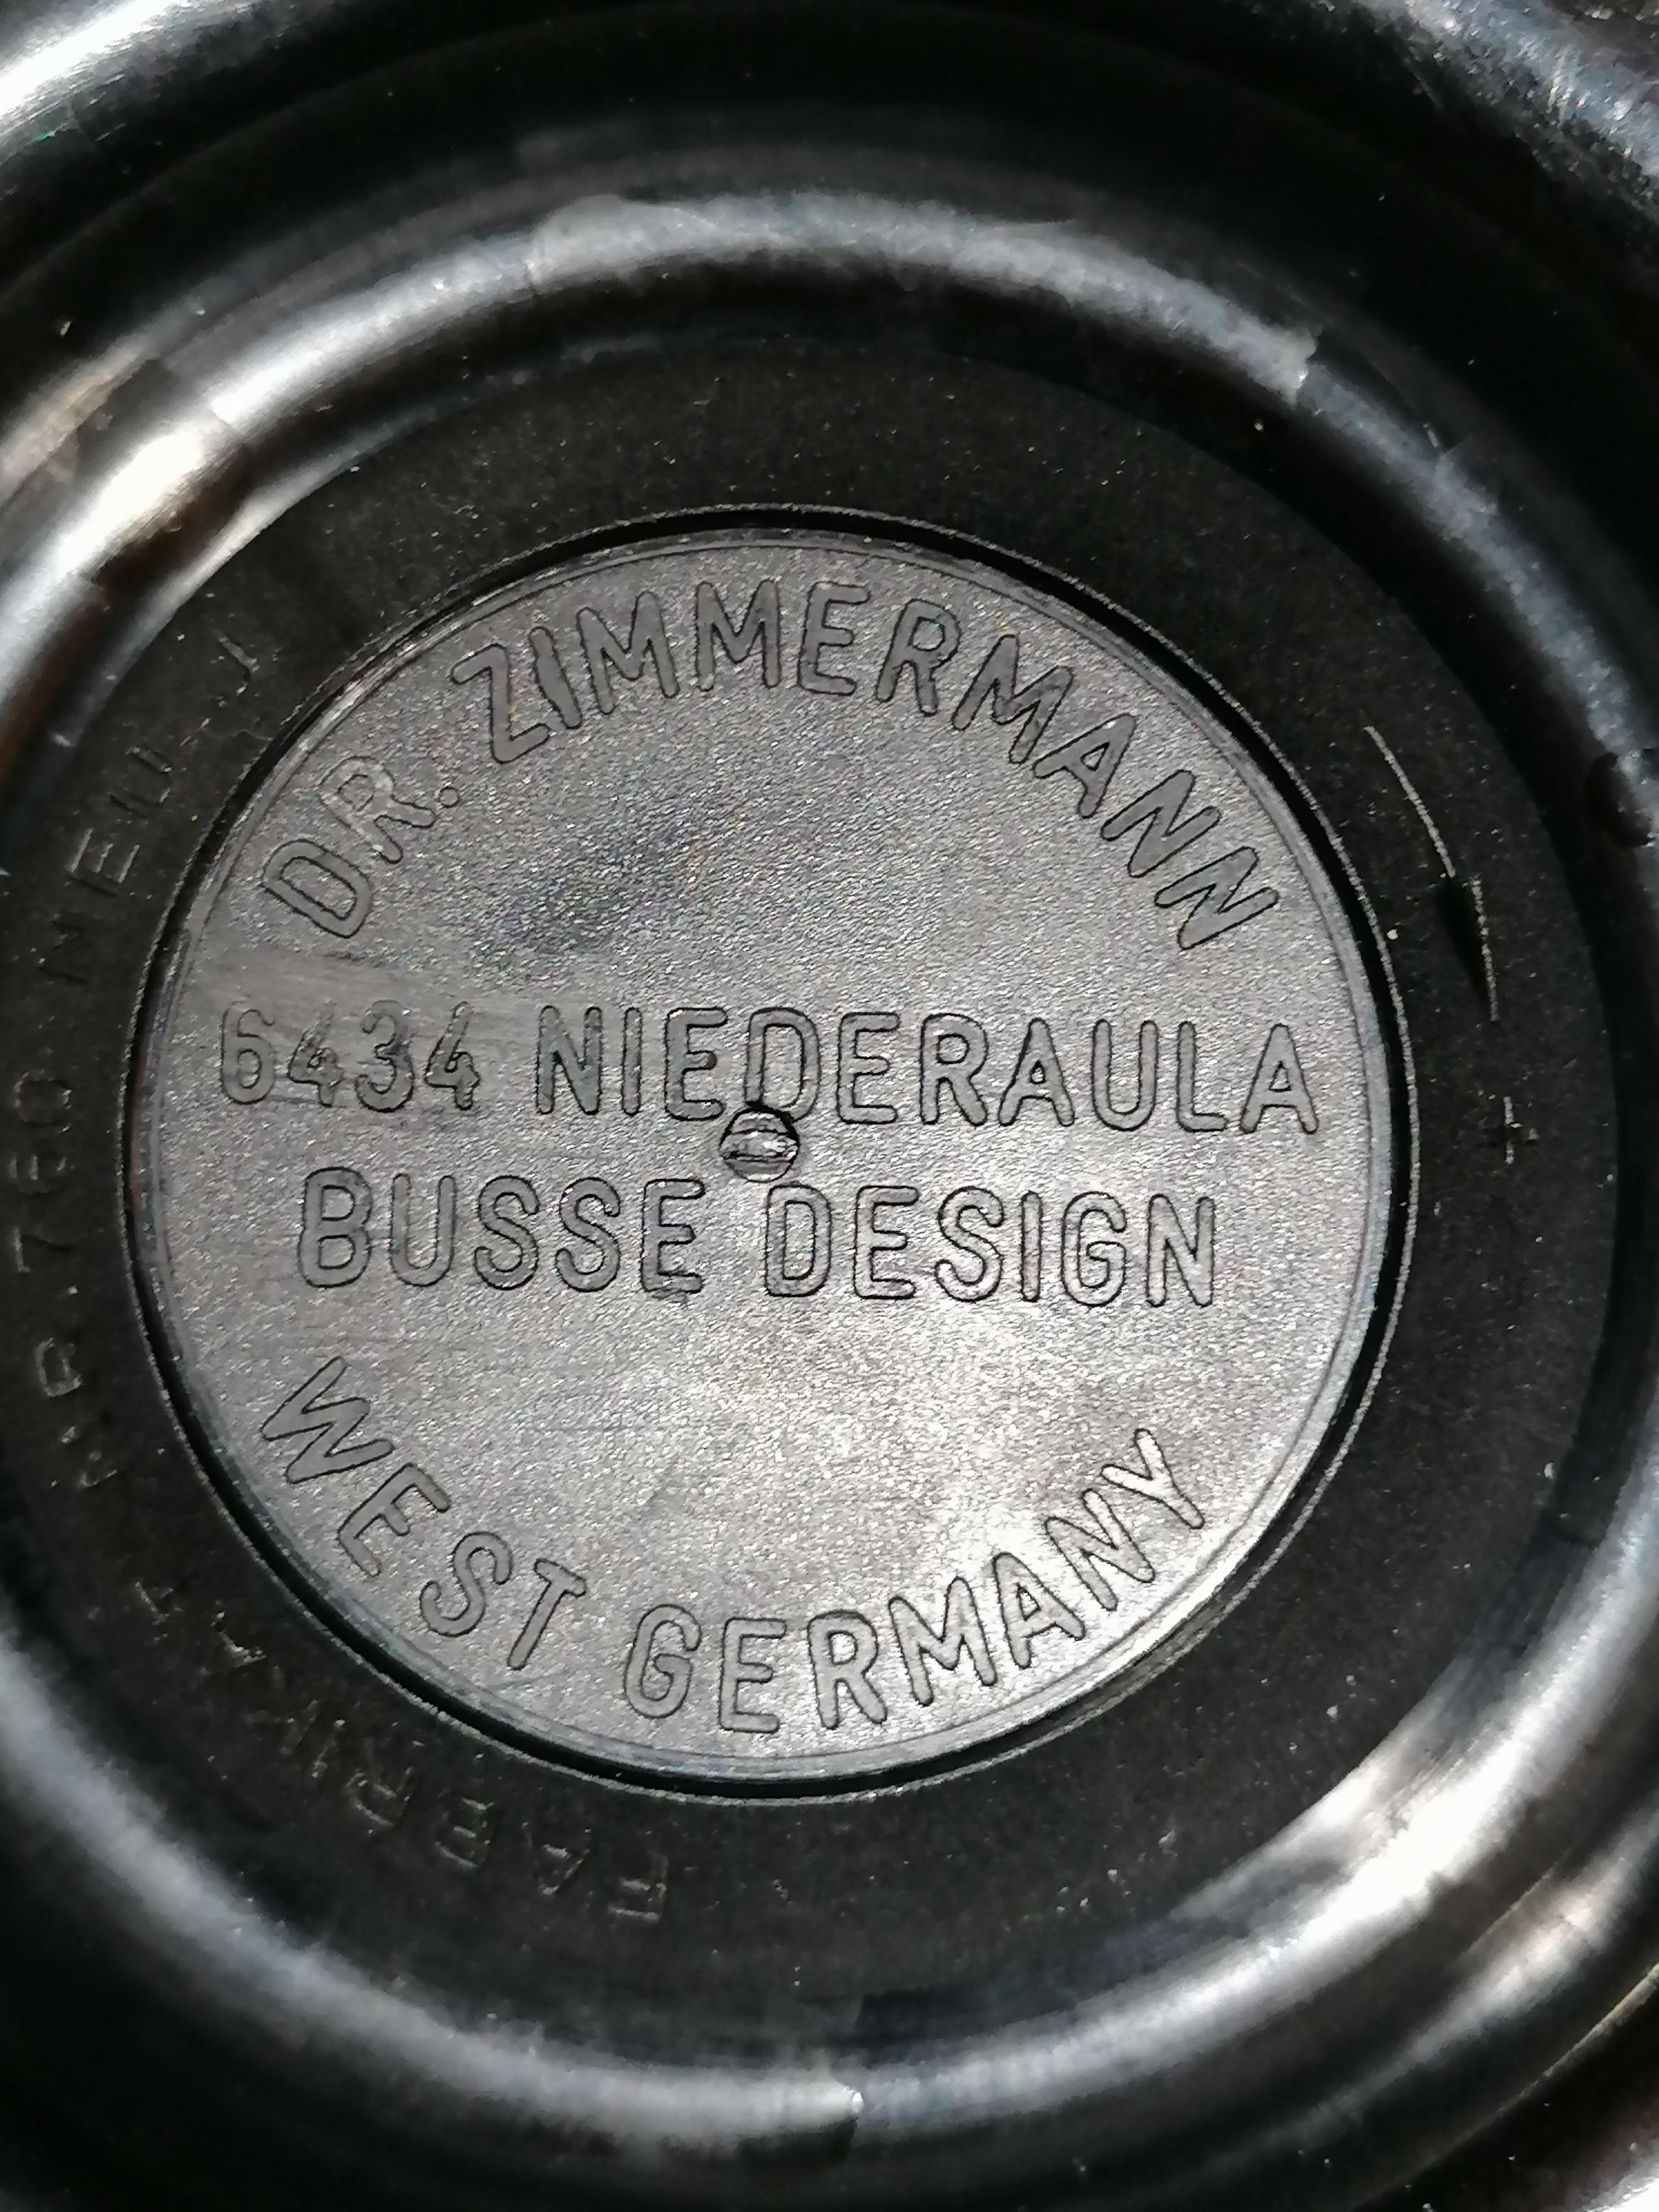 Retro termos från väst Tyskland Dr Zimmerman Busse Design